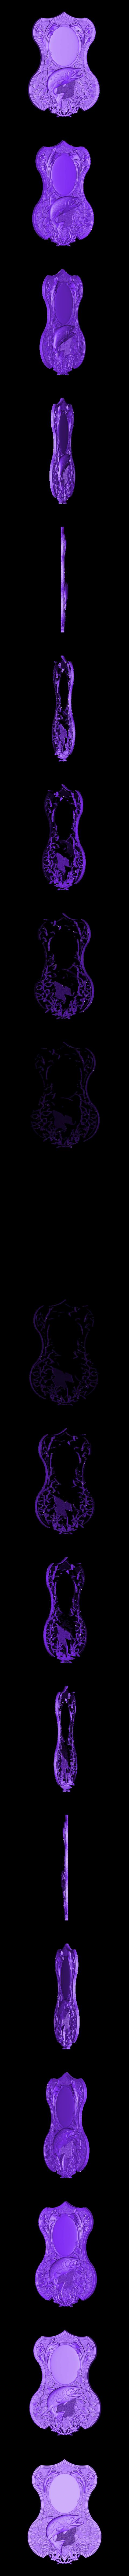 17.stl Télécharger fichier STL gratuit trophée de poisson cnc routeur art • Modèle à imprimer en 3D, Terhrinai